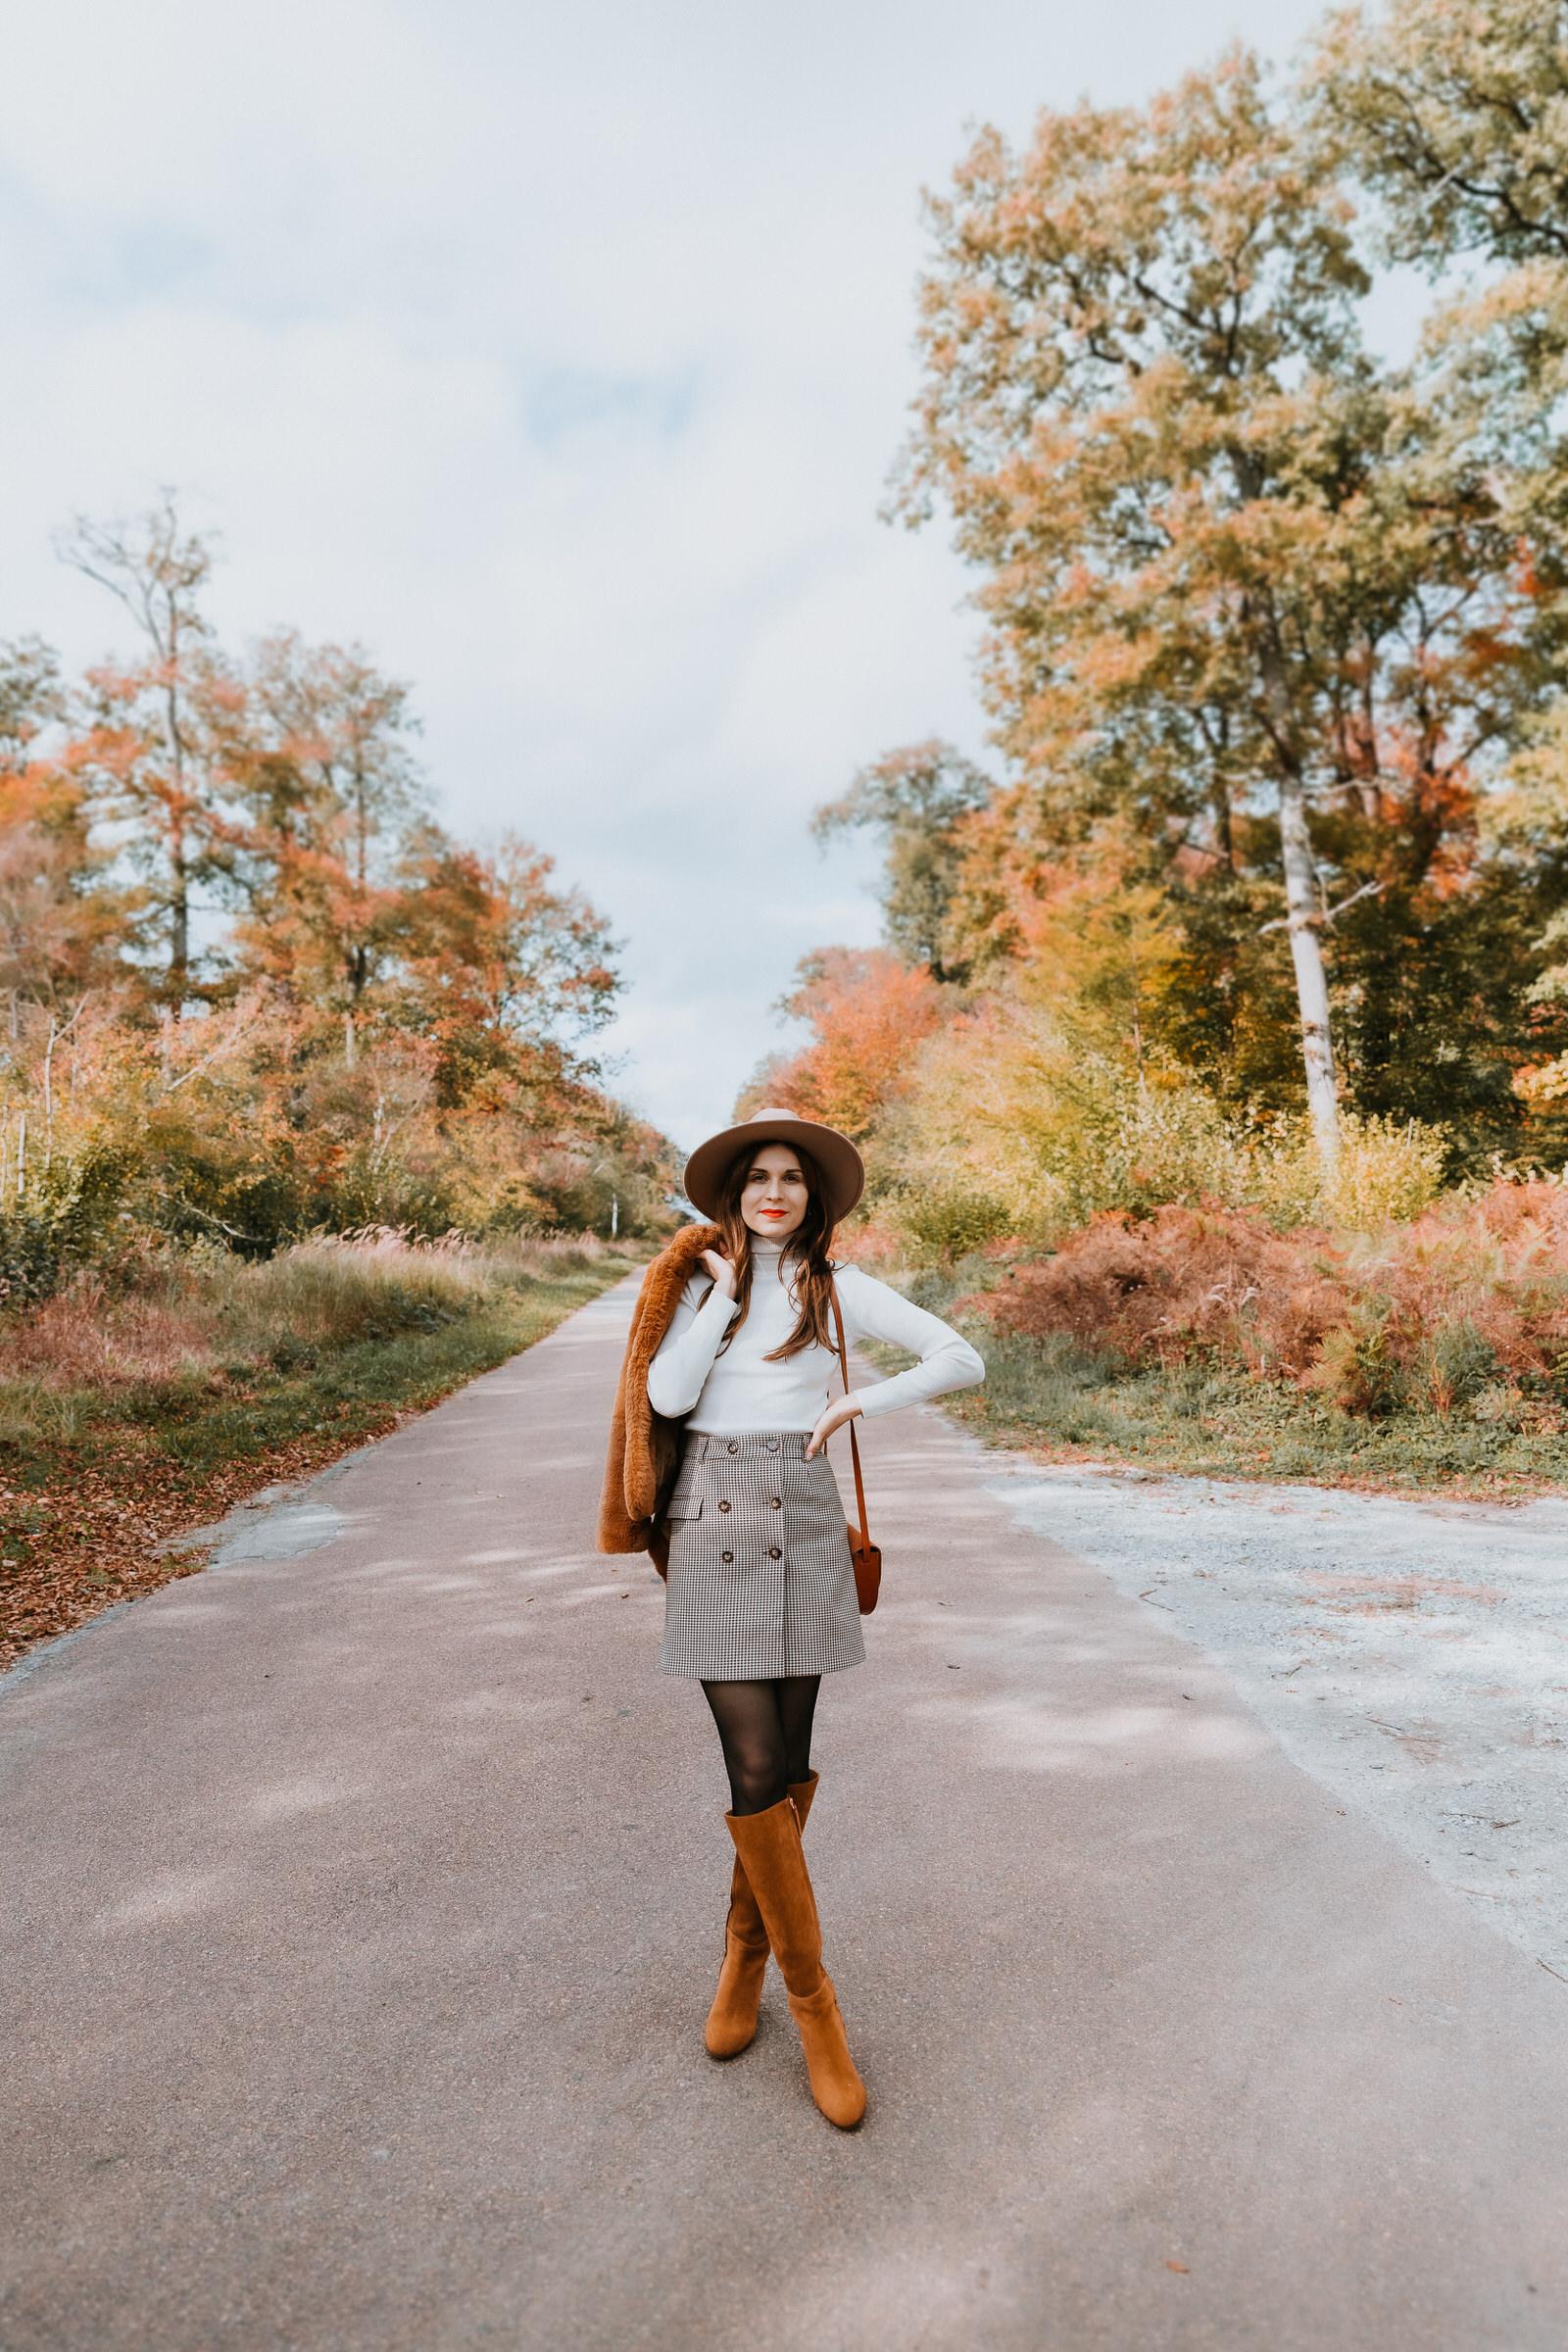 Daphné_automne_MargotMchn-64